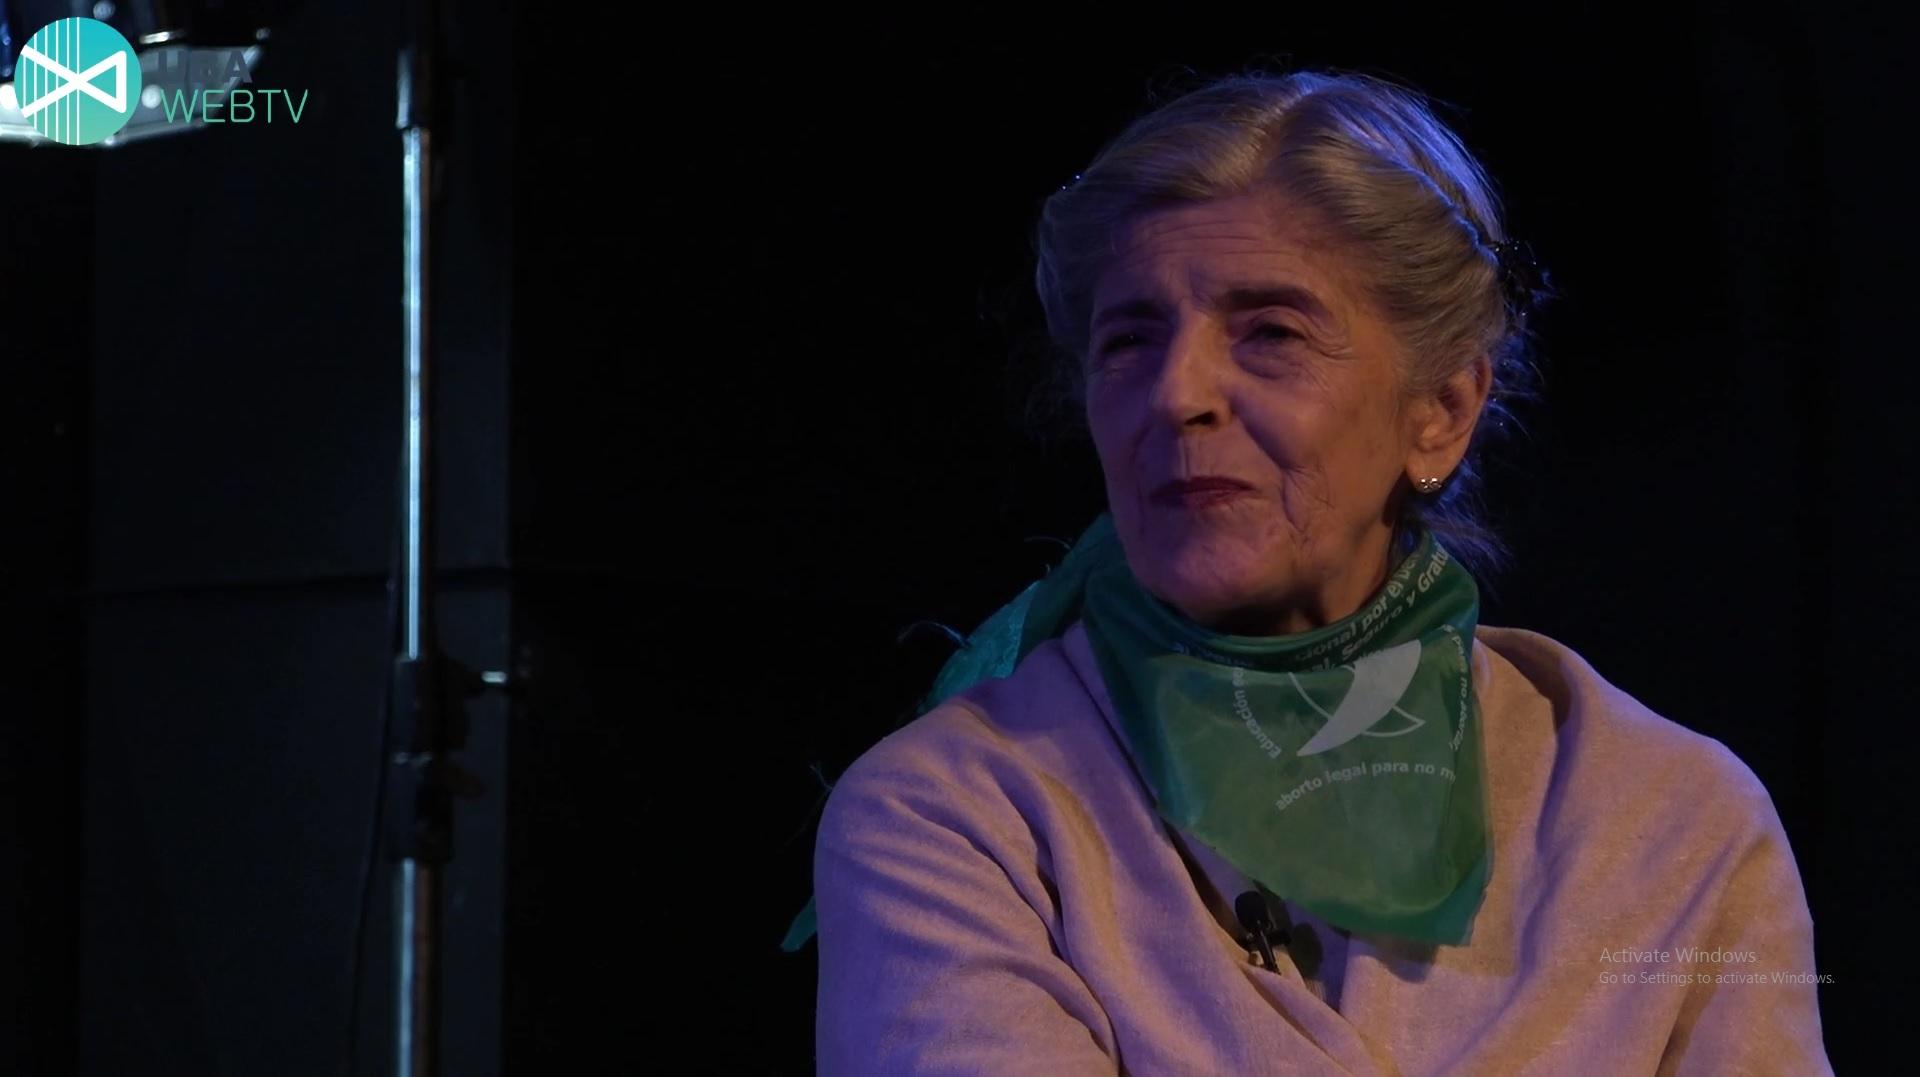 MAESTRAS, Capítulo 4: Cristina Banegas.